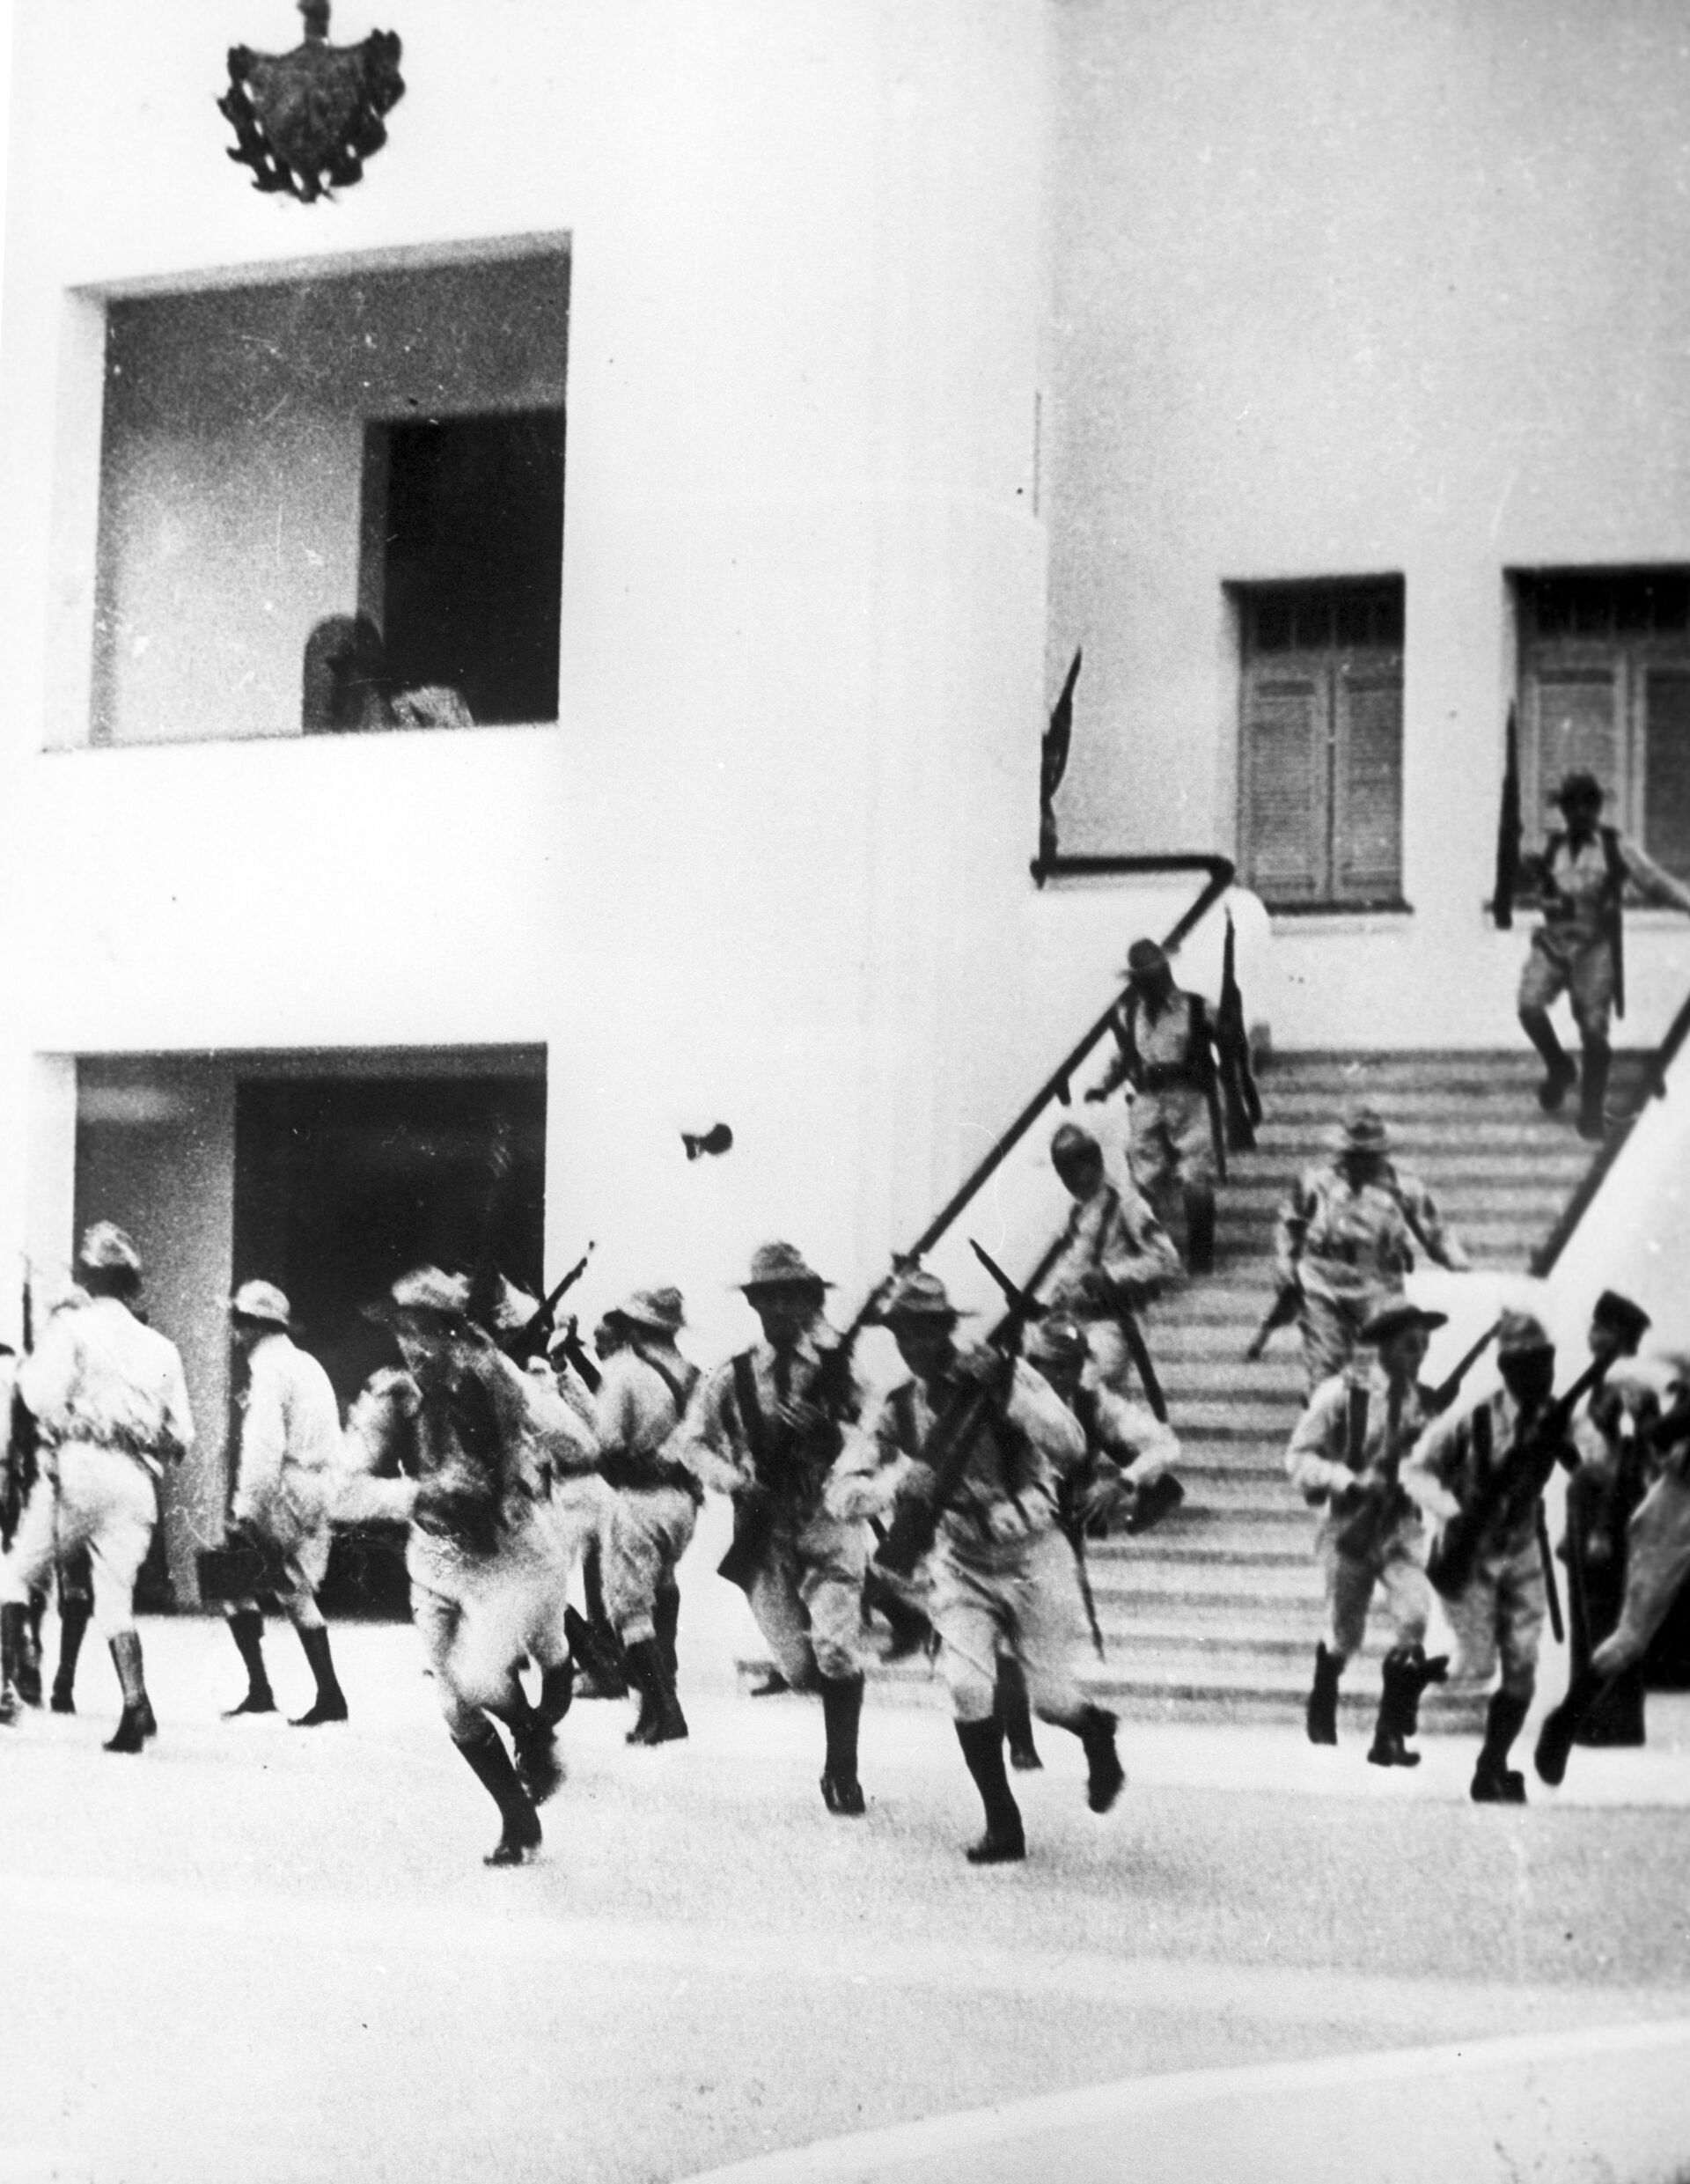 Бойцы, возглавляемые Фиделем Кастро, штурмуют армейские казармы Монкада, где расквартированы части армии Батисты. 26 июля 1953 года - РИА Новости, 1920, 09.10.2020